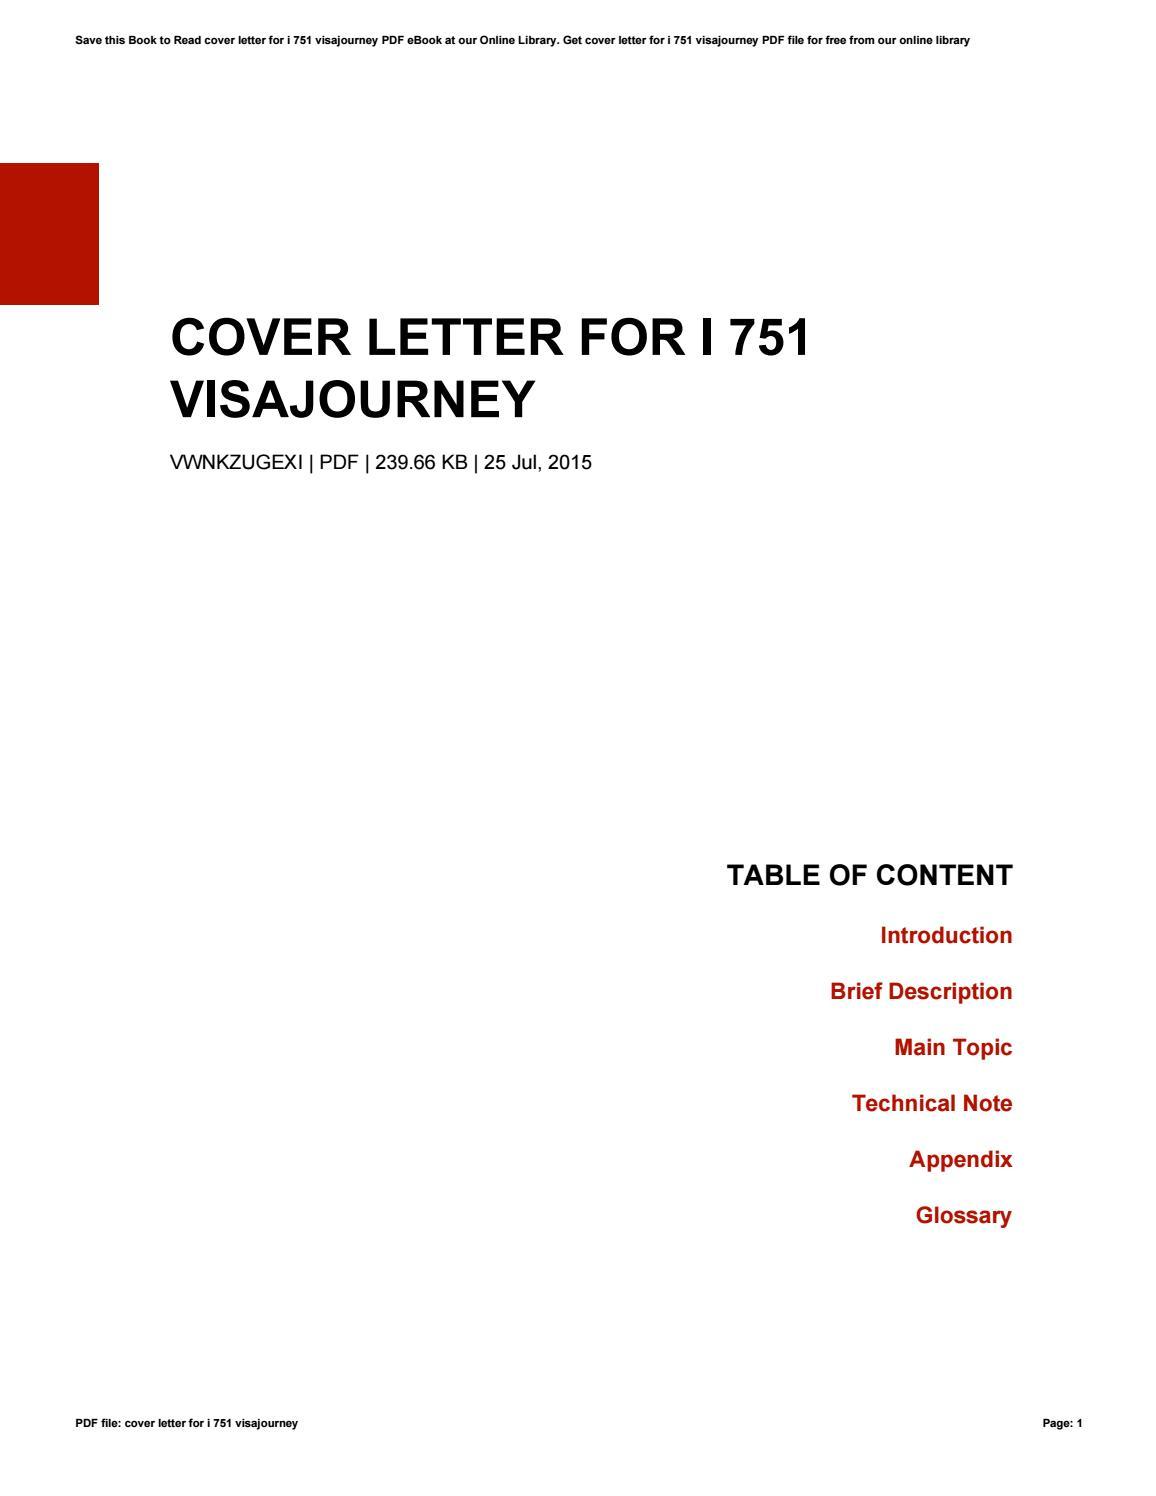 cover letter for i 751 visajourney by jamesharris3230